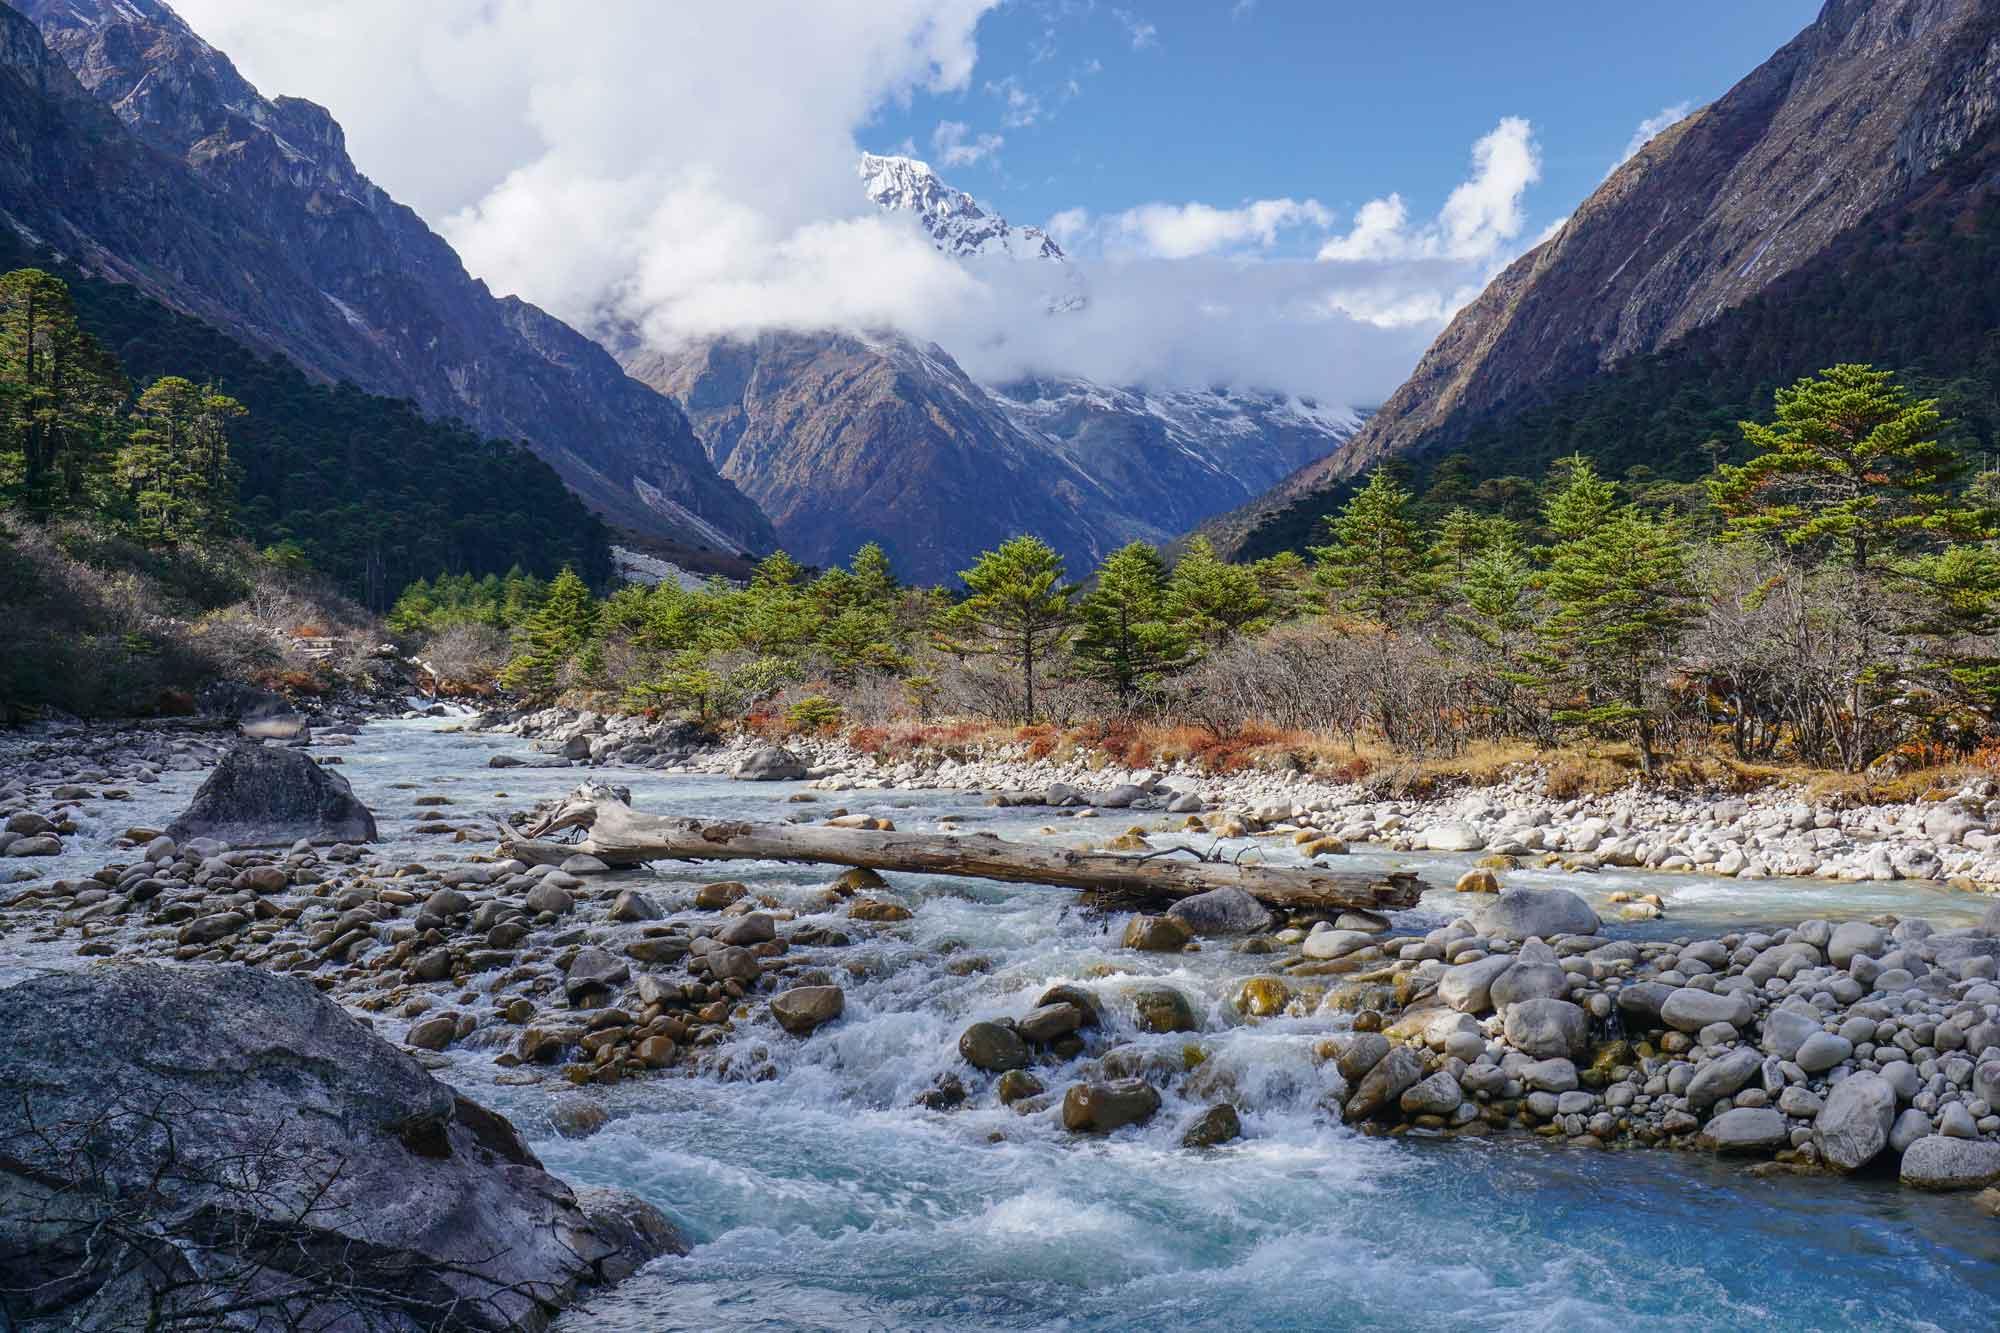 Immer wieder überraschen wildromantische Flusslandschaften  © Thorsten Hoyer